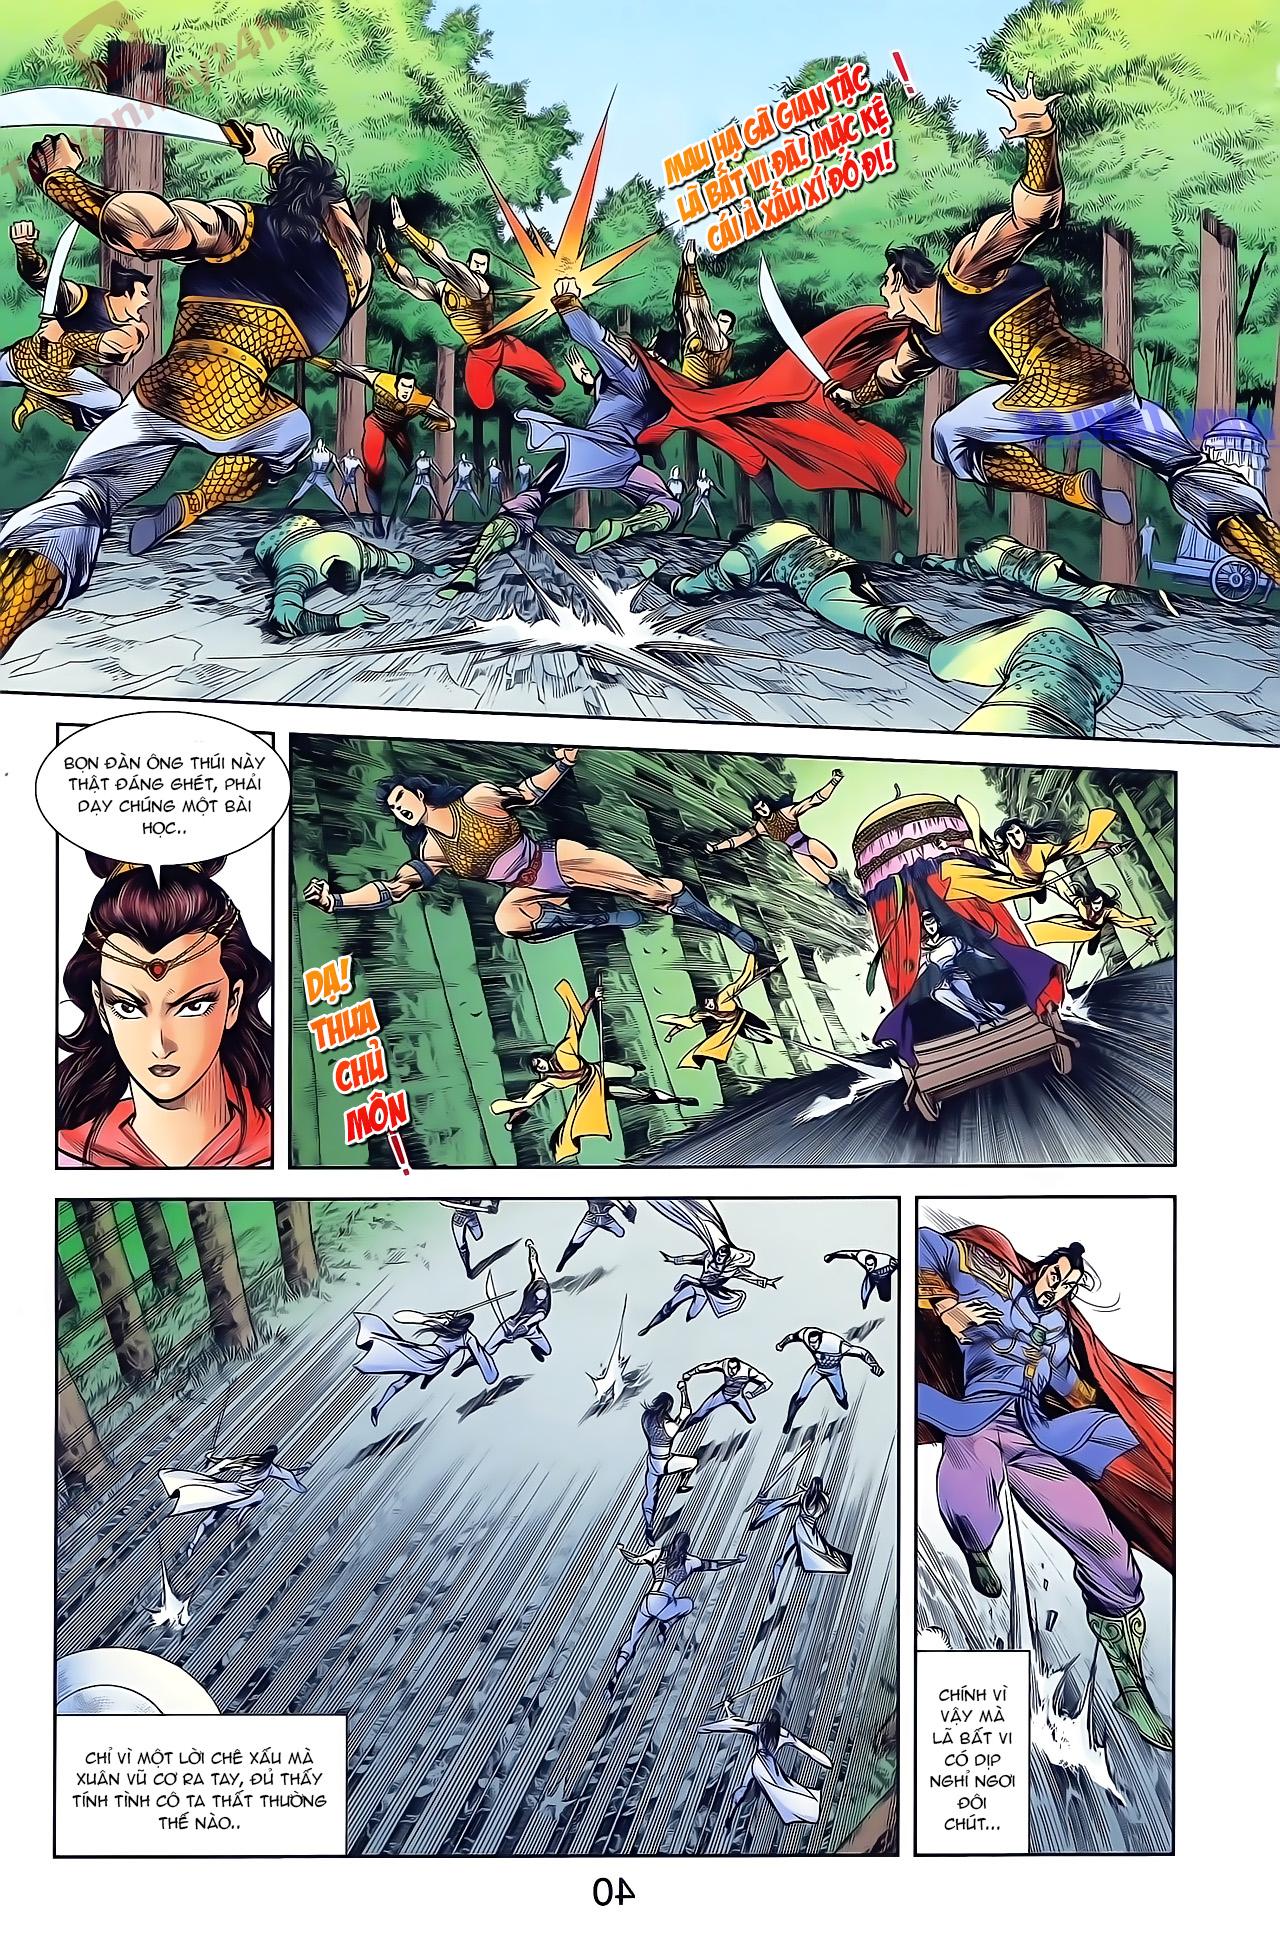 Tần Vương Doanh Chính chapter 46 trang 6